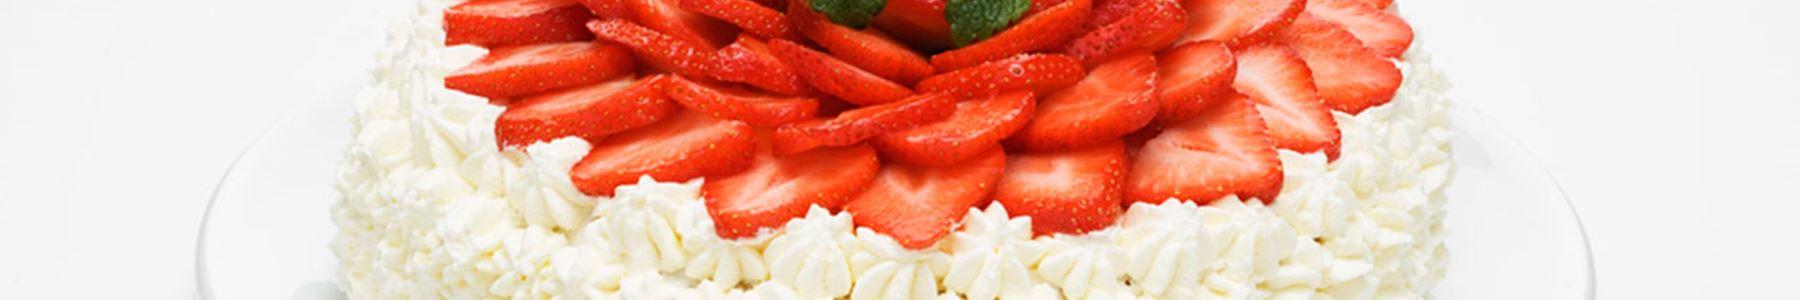 Snabb + Frukter + Efterrätt + Curd